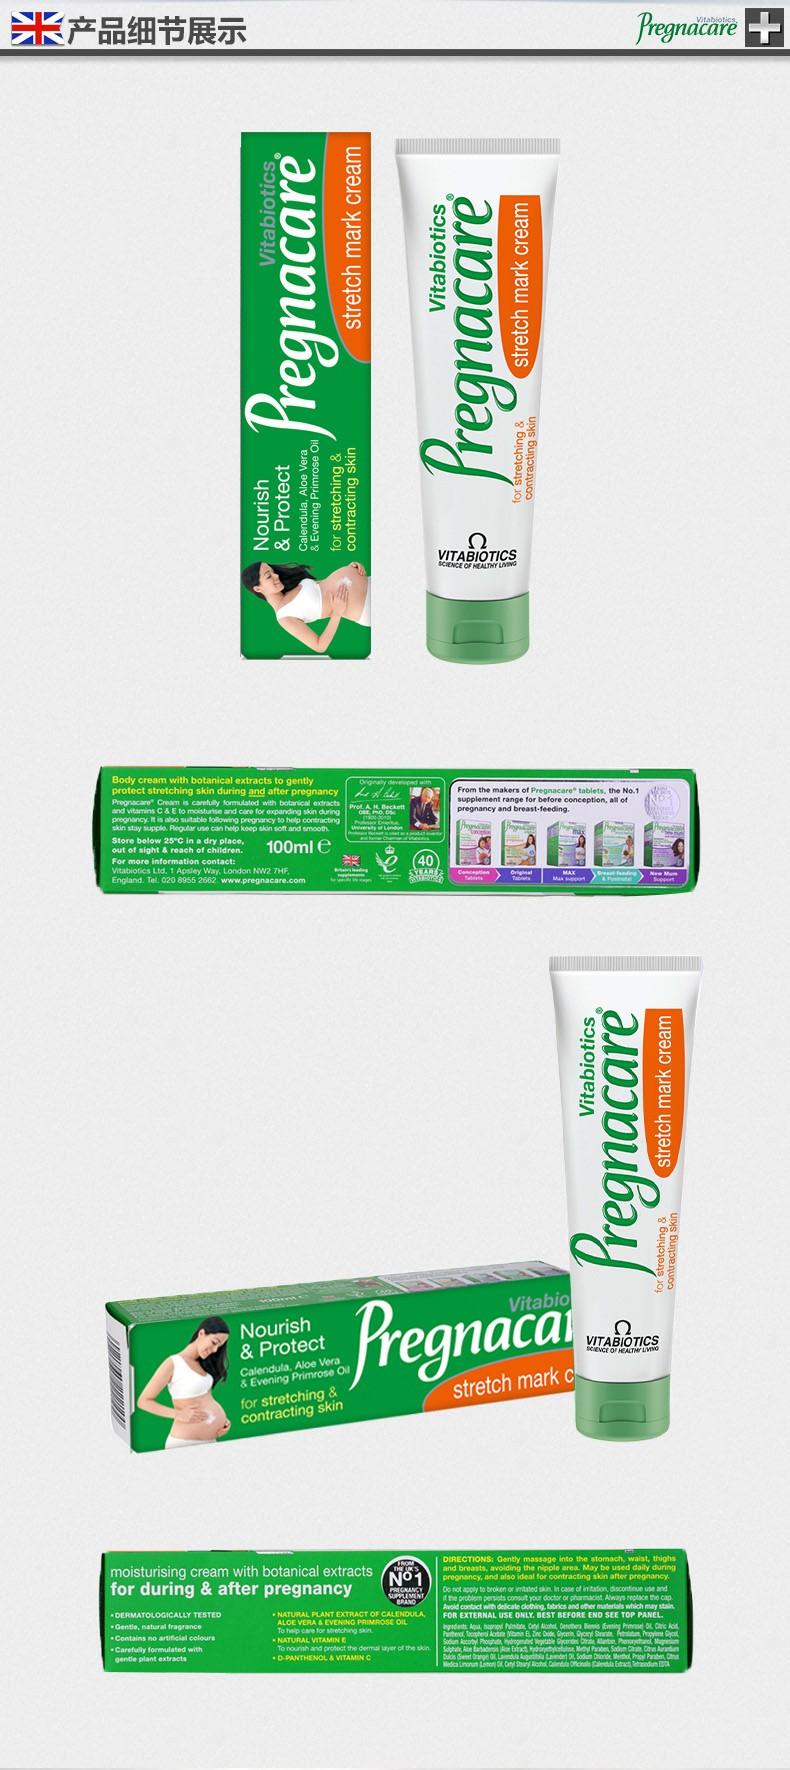 英国vitabiotics pregnacare孕妇淡化妊娠纹产后修复霜100ml*2¥128.00 产品系列 第9张